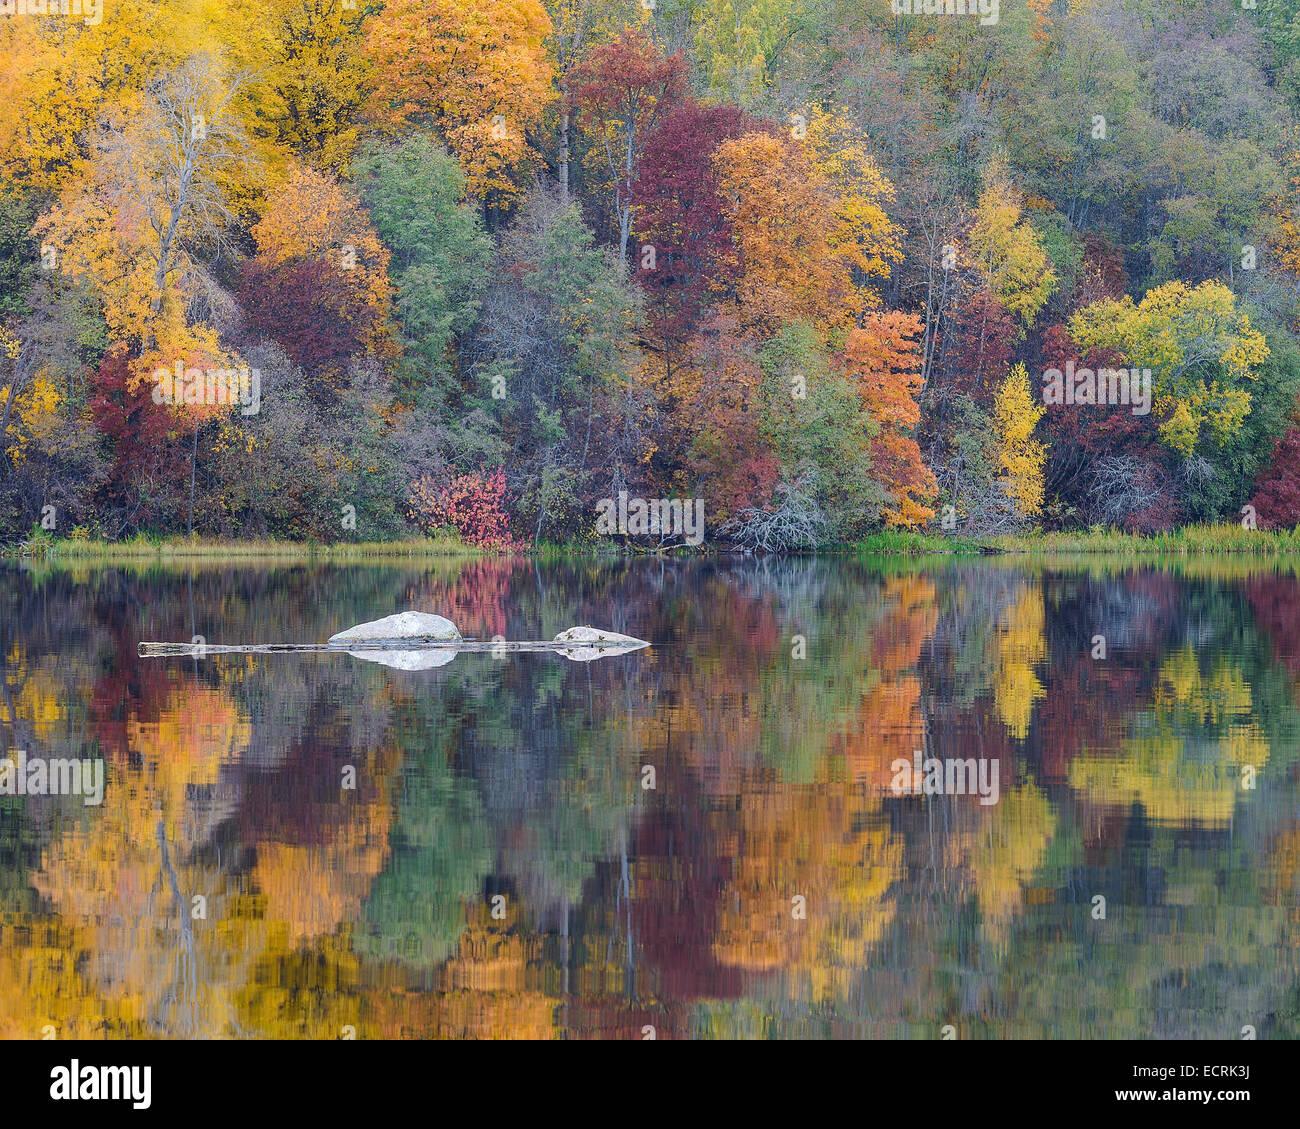 Felsen und ein Herbst-Wald spiegelt sich in einem Fluss. Stockbild